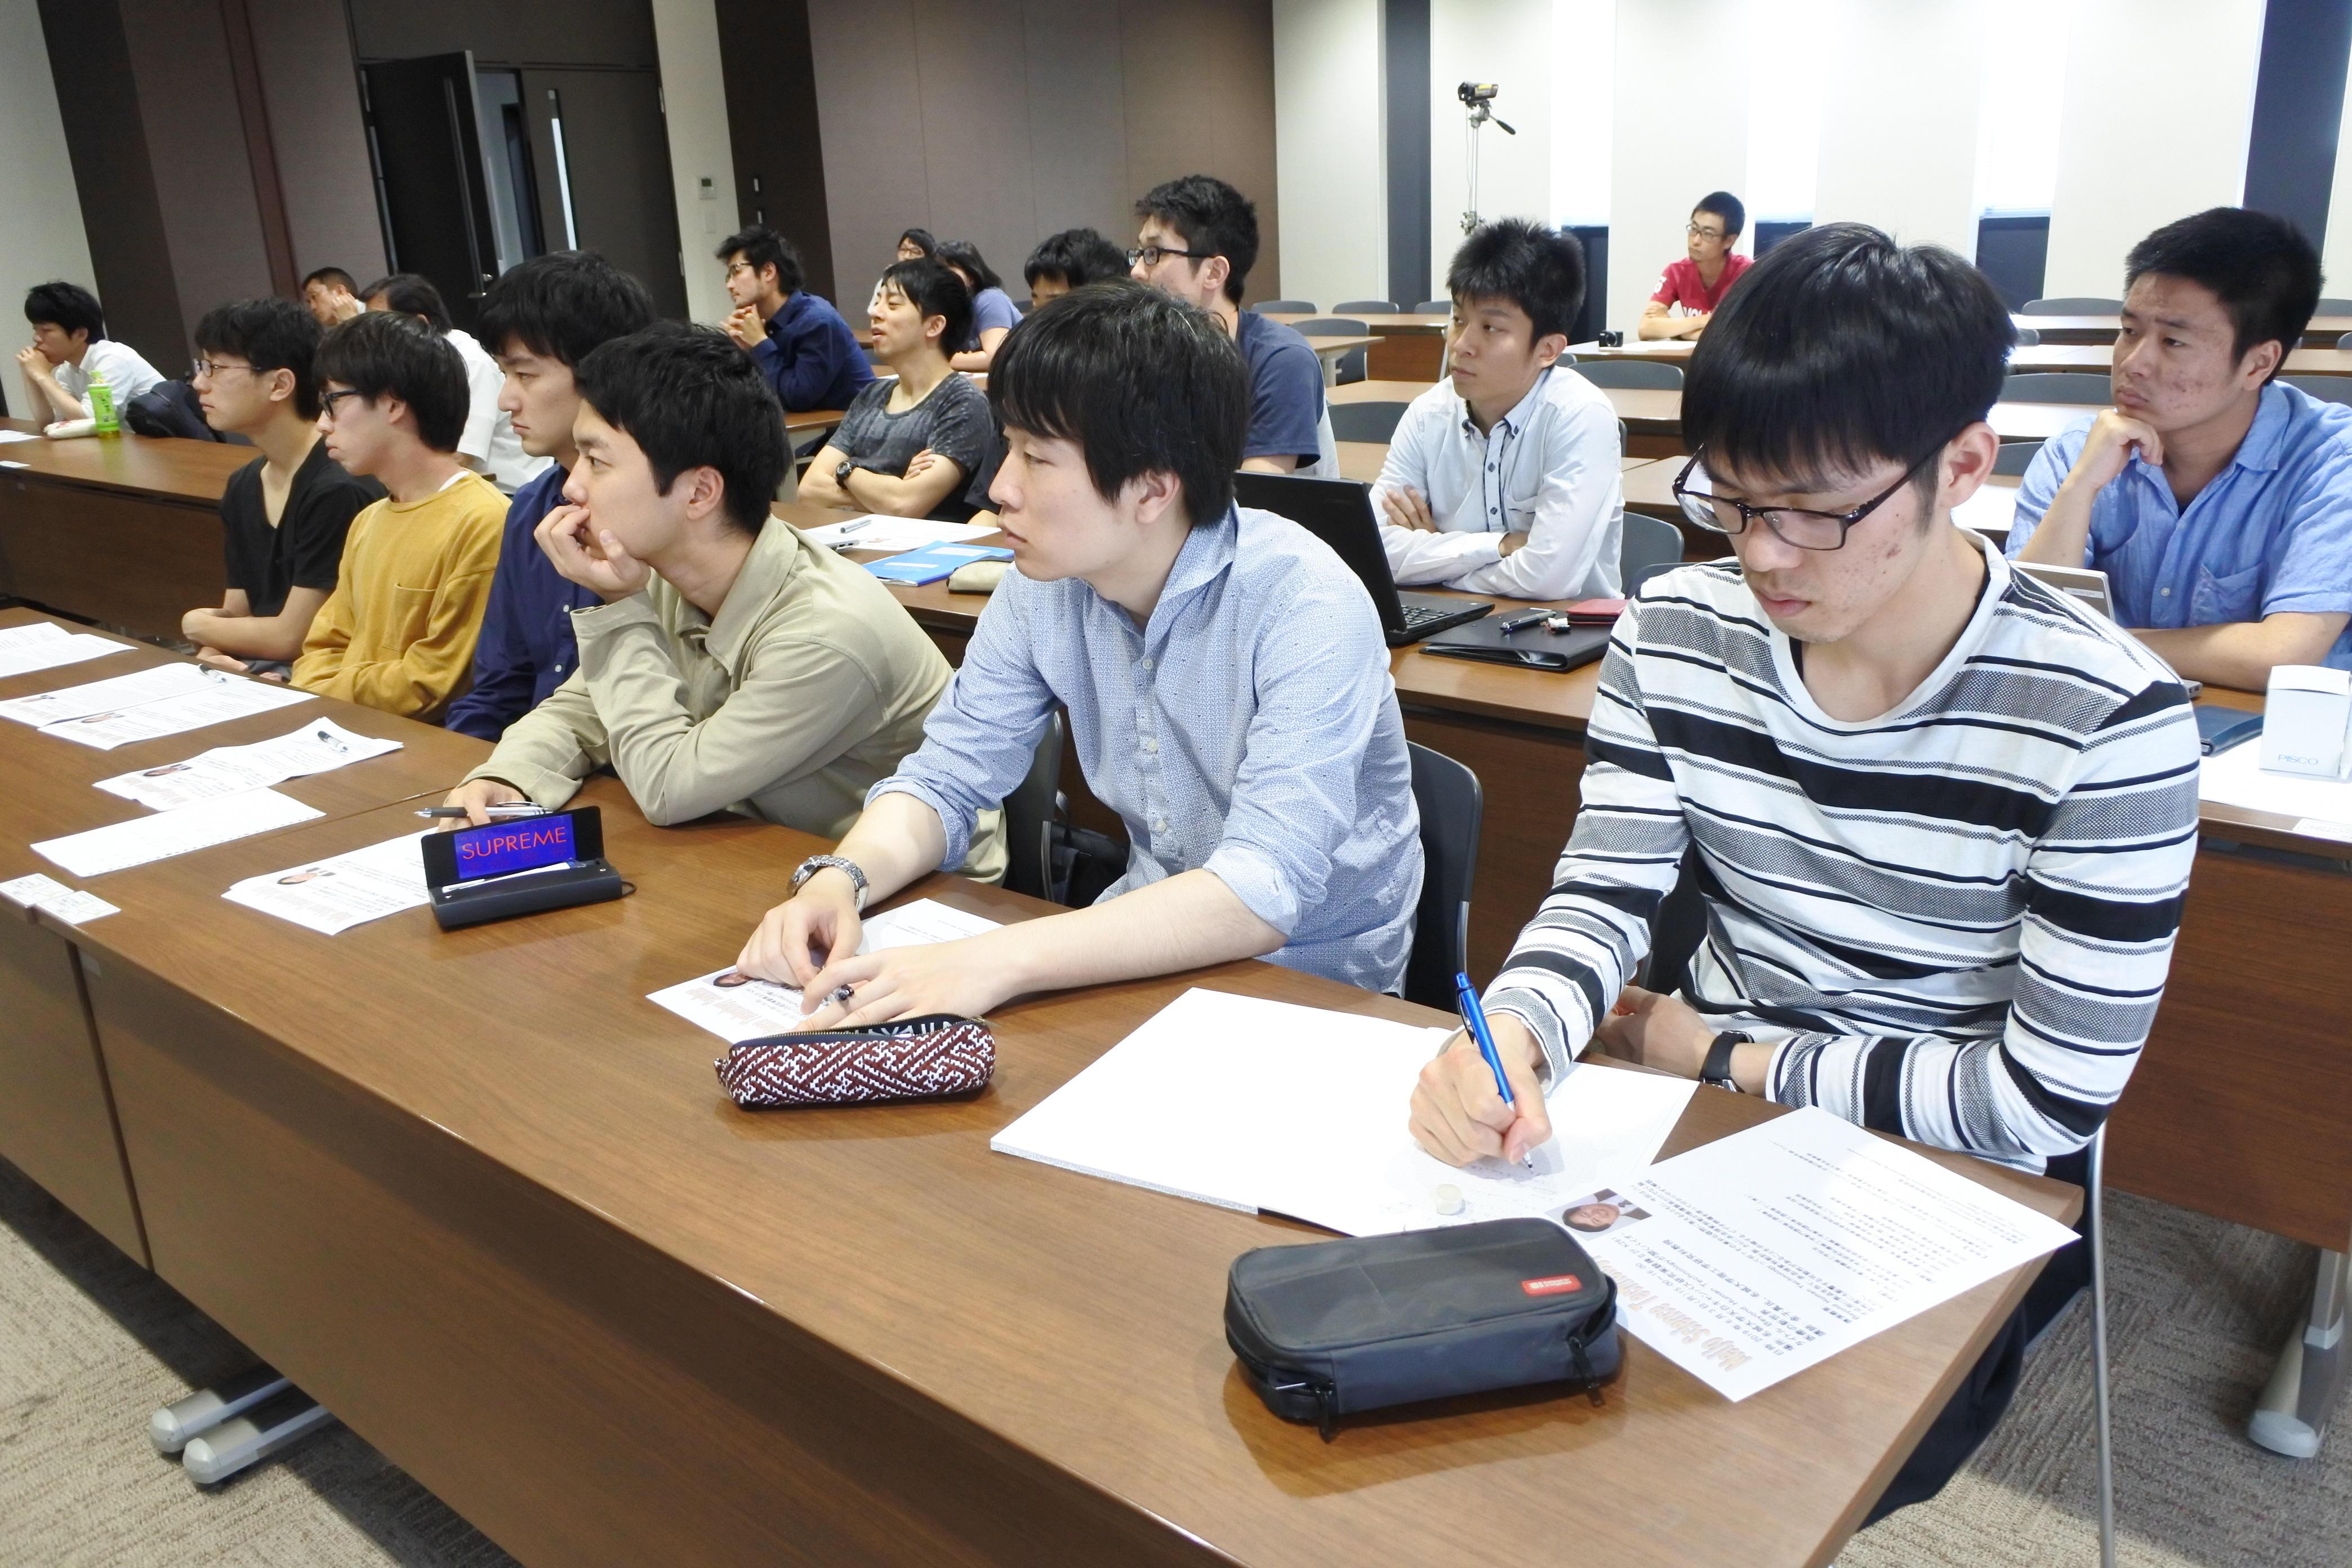 熱心に聴講する学生たち